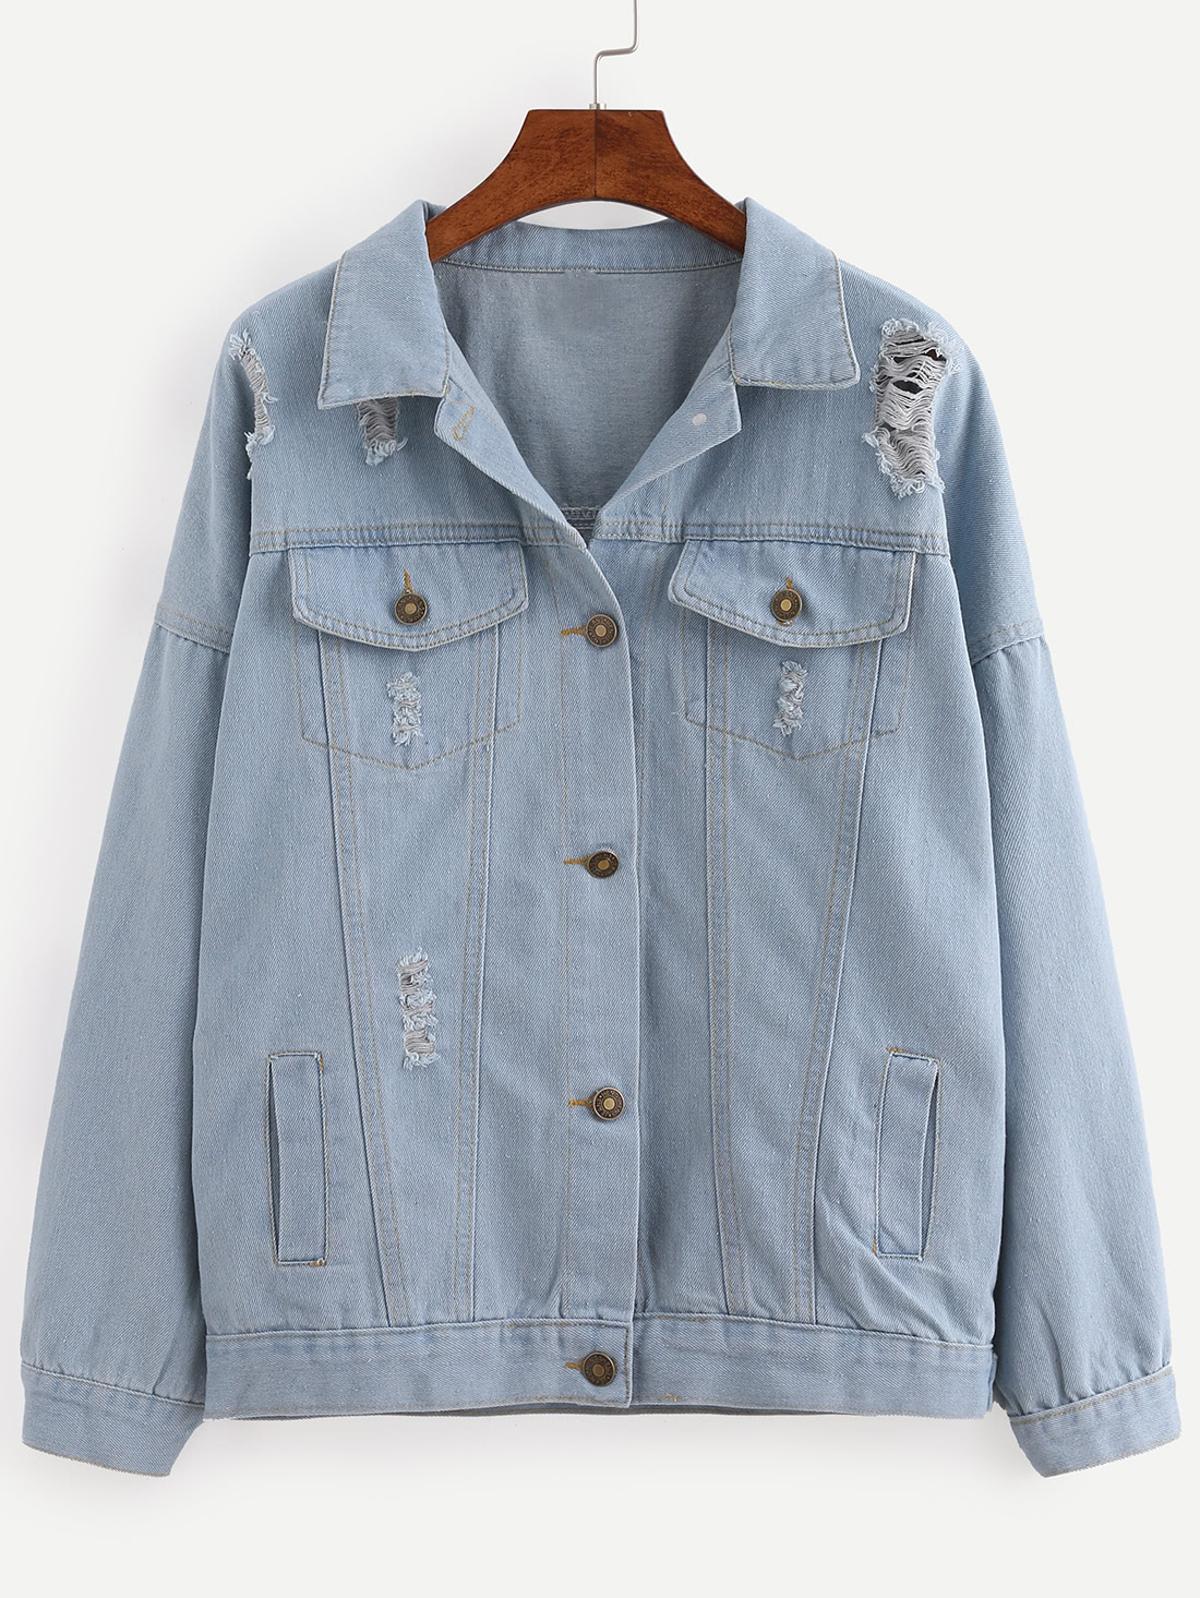 紐扣 正面 撕裂 淺藍色  牛仔布 外出服